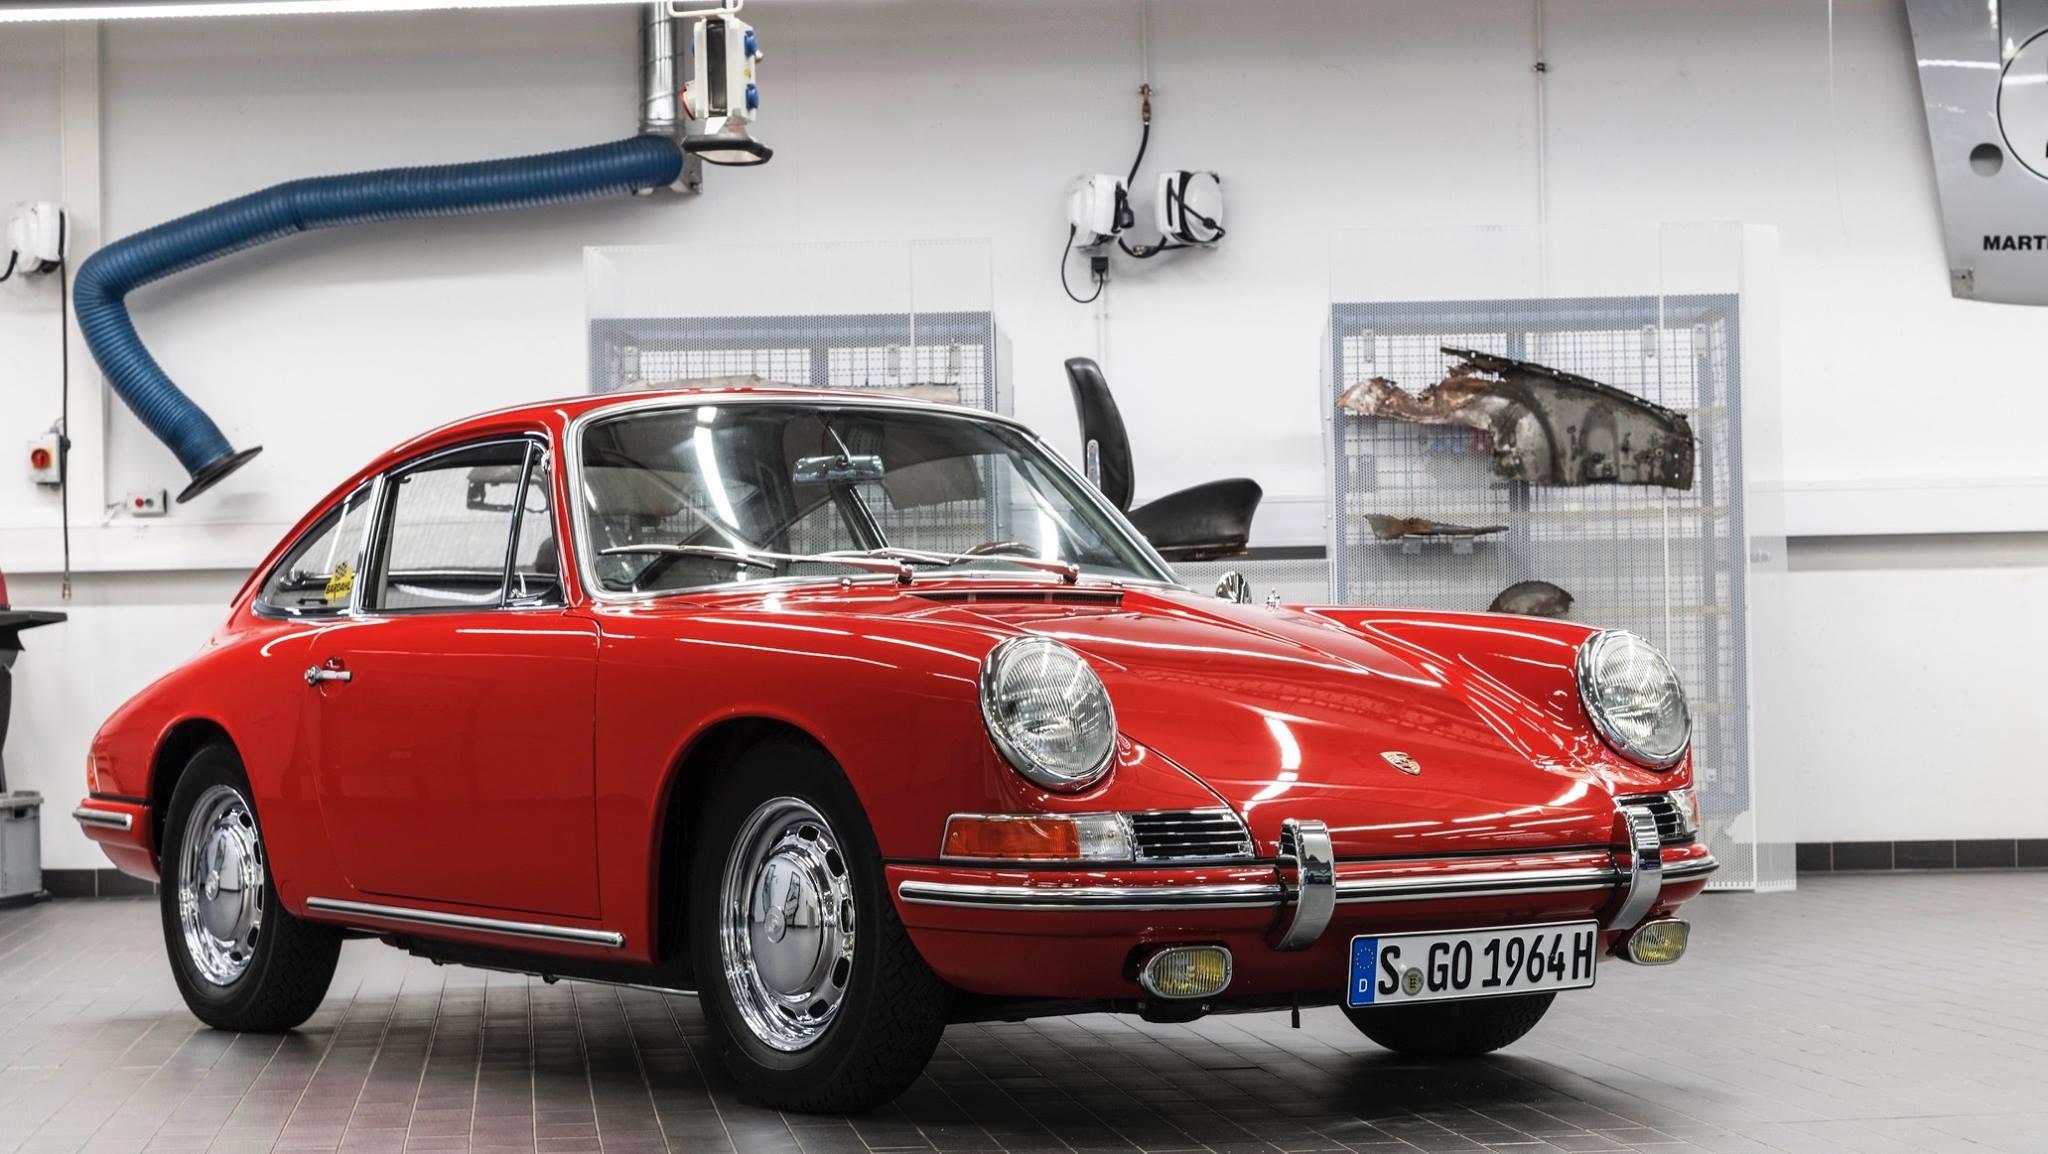 Porsche 901 911 restoration porsche museum (2)